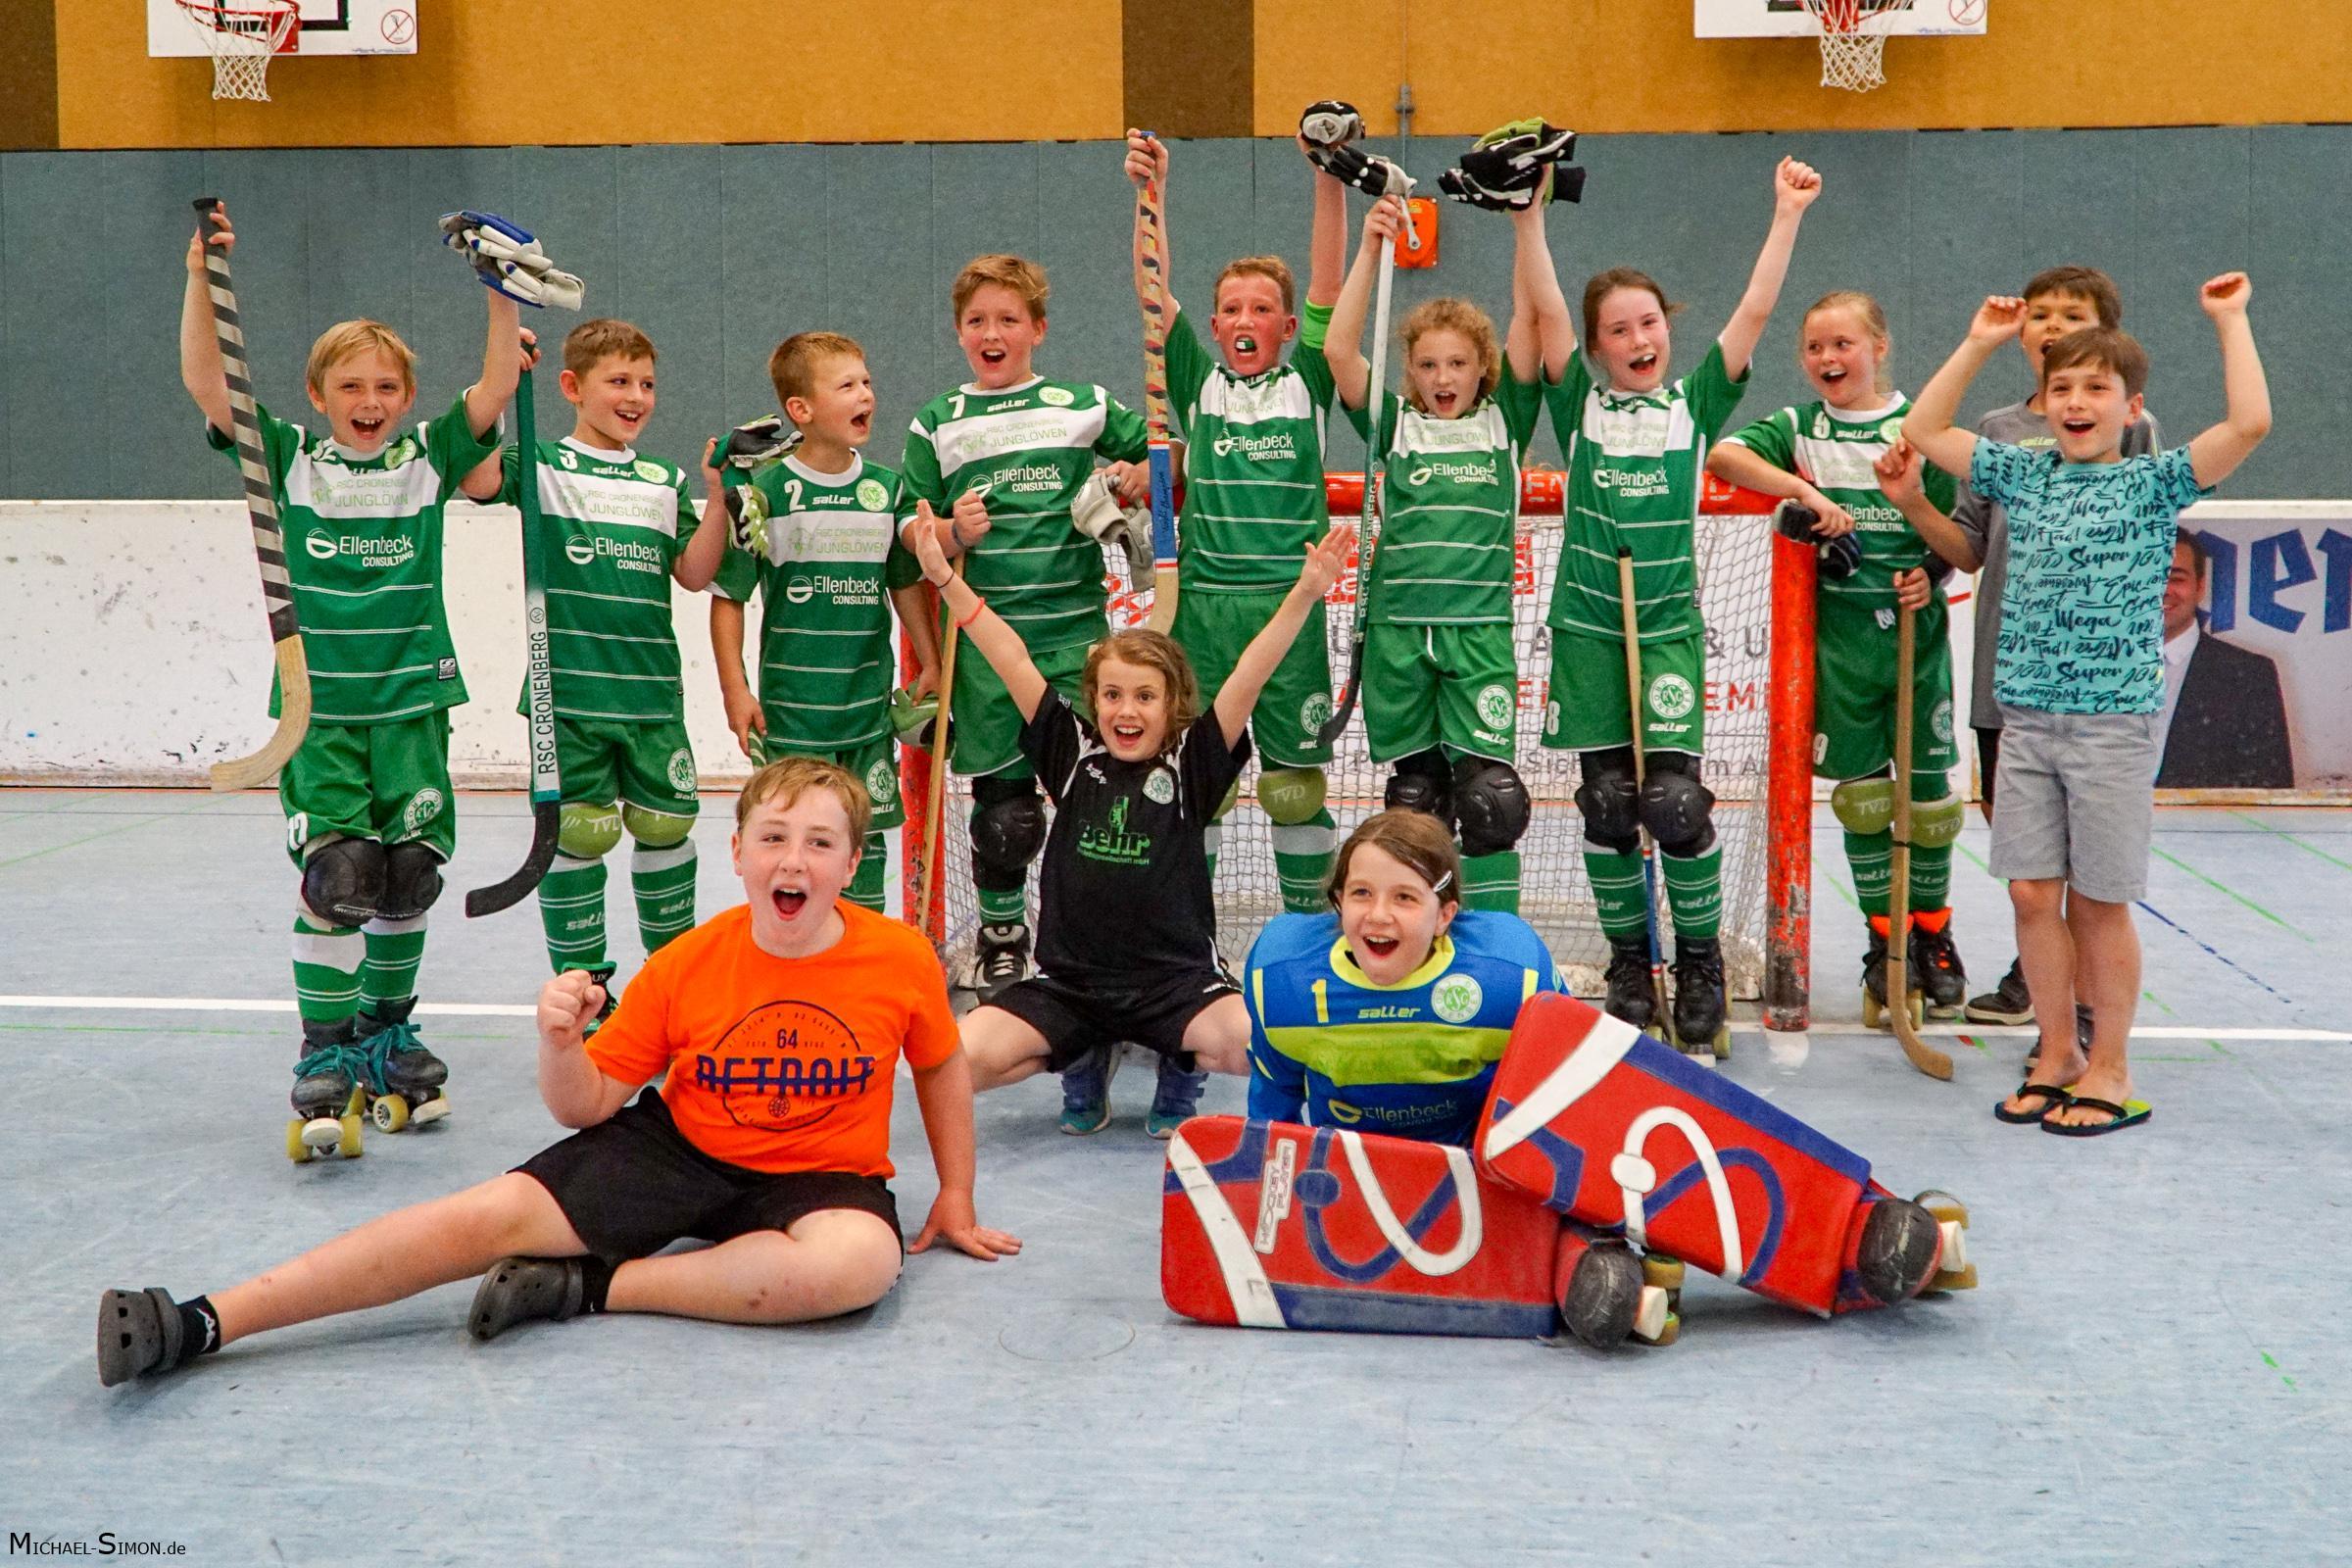 RSC Cronenberg Rollhockey Spieltag U11 02.07.2017